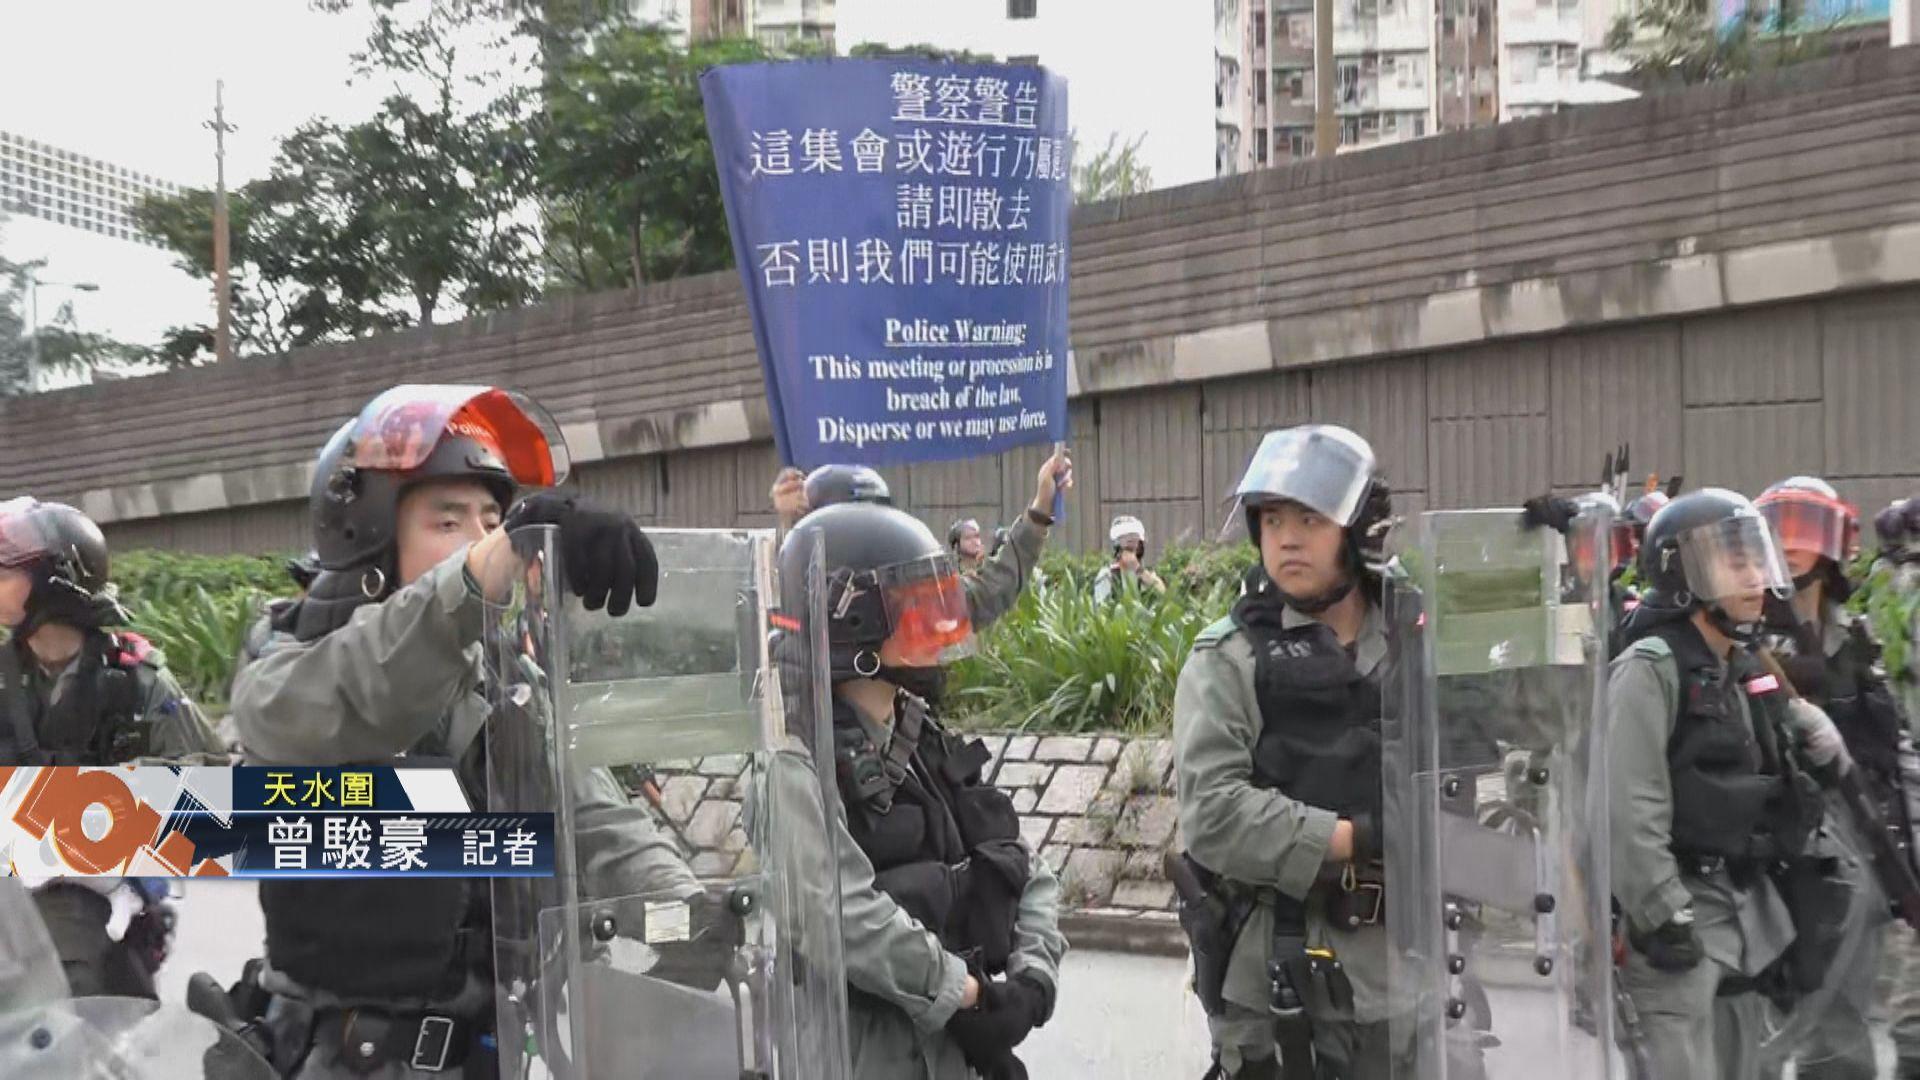 【現場報道‧天水圍】防暴警數度舉藍旗要求市民散去